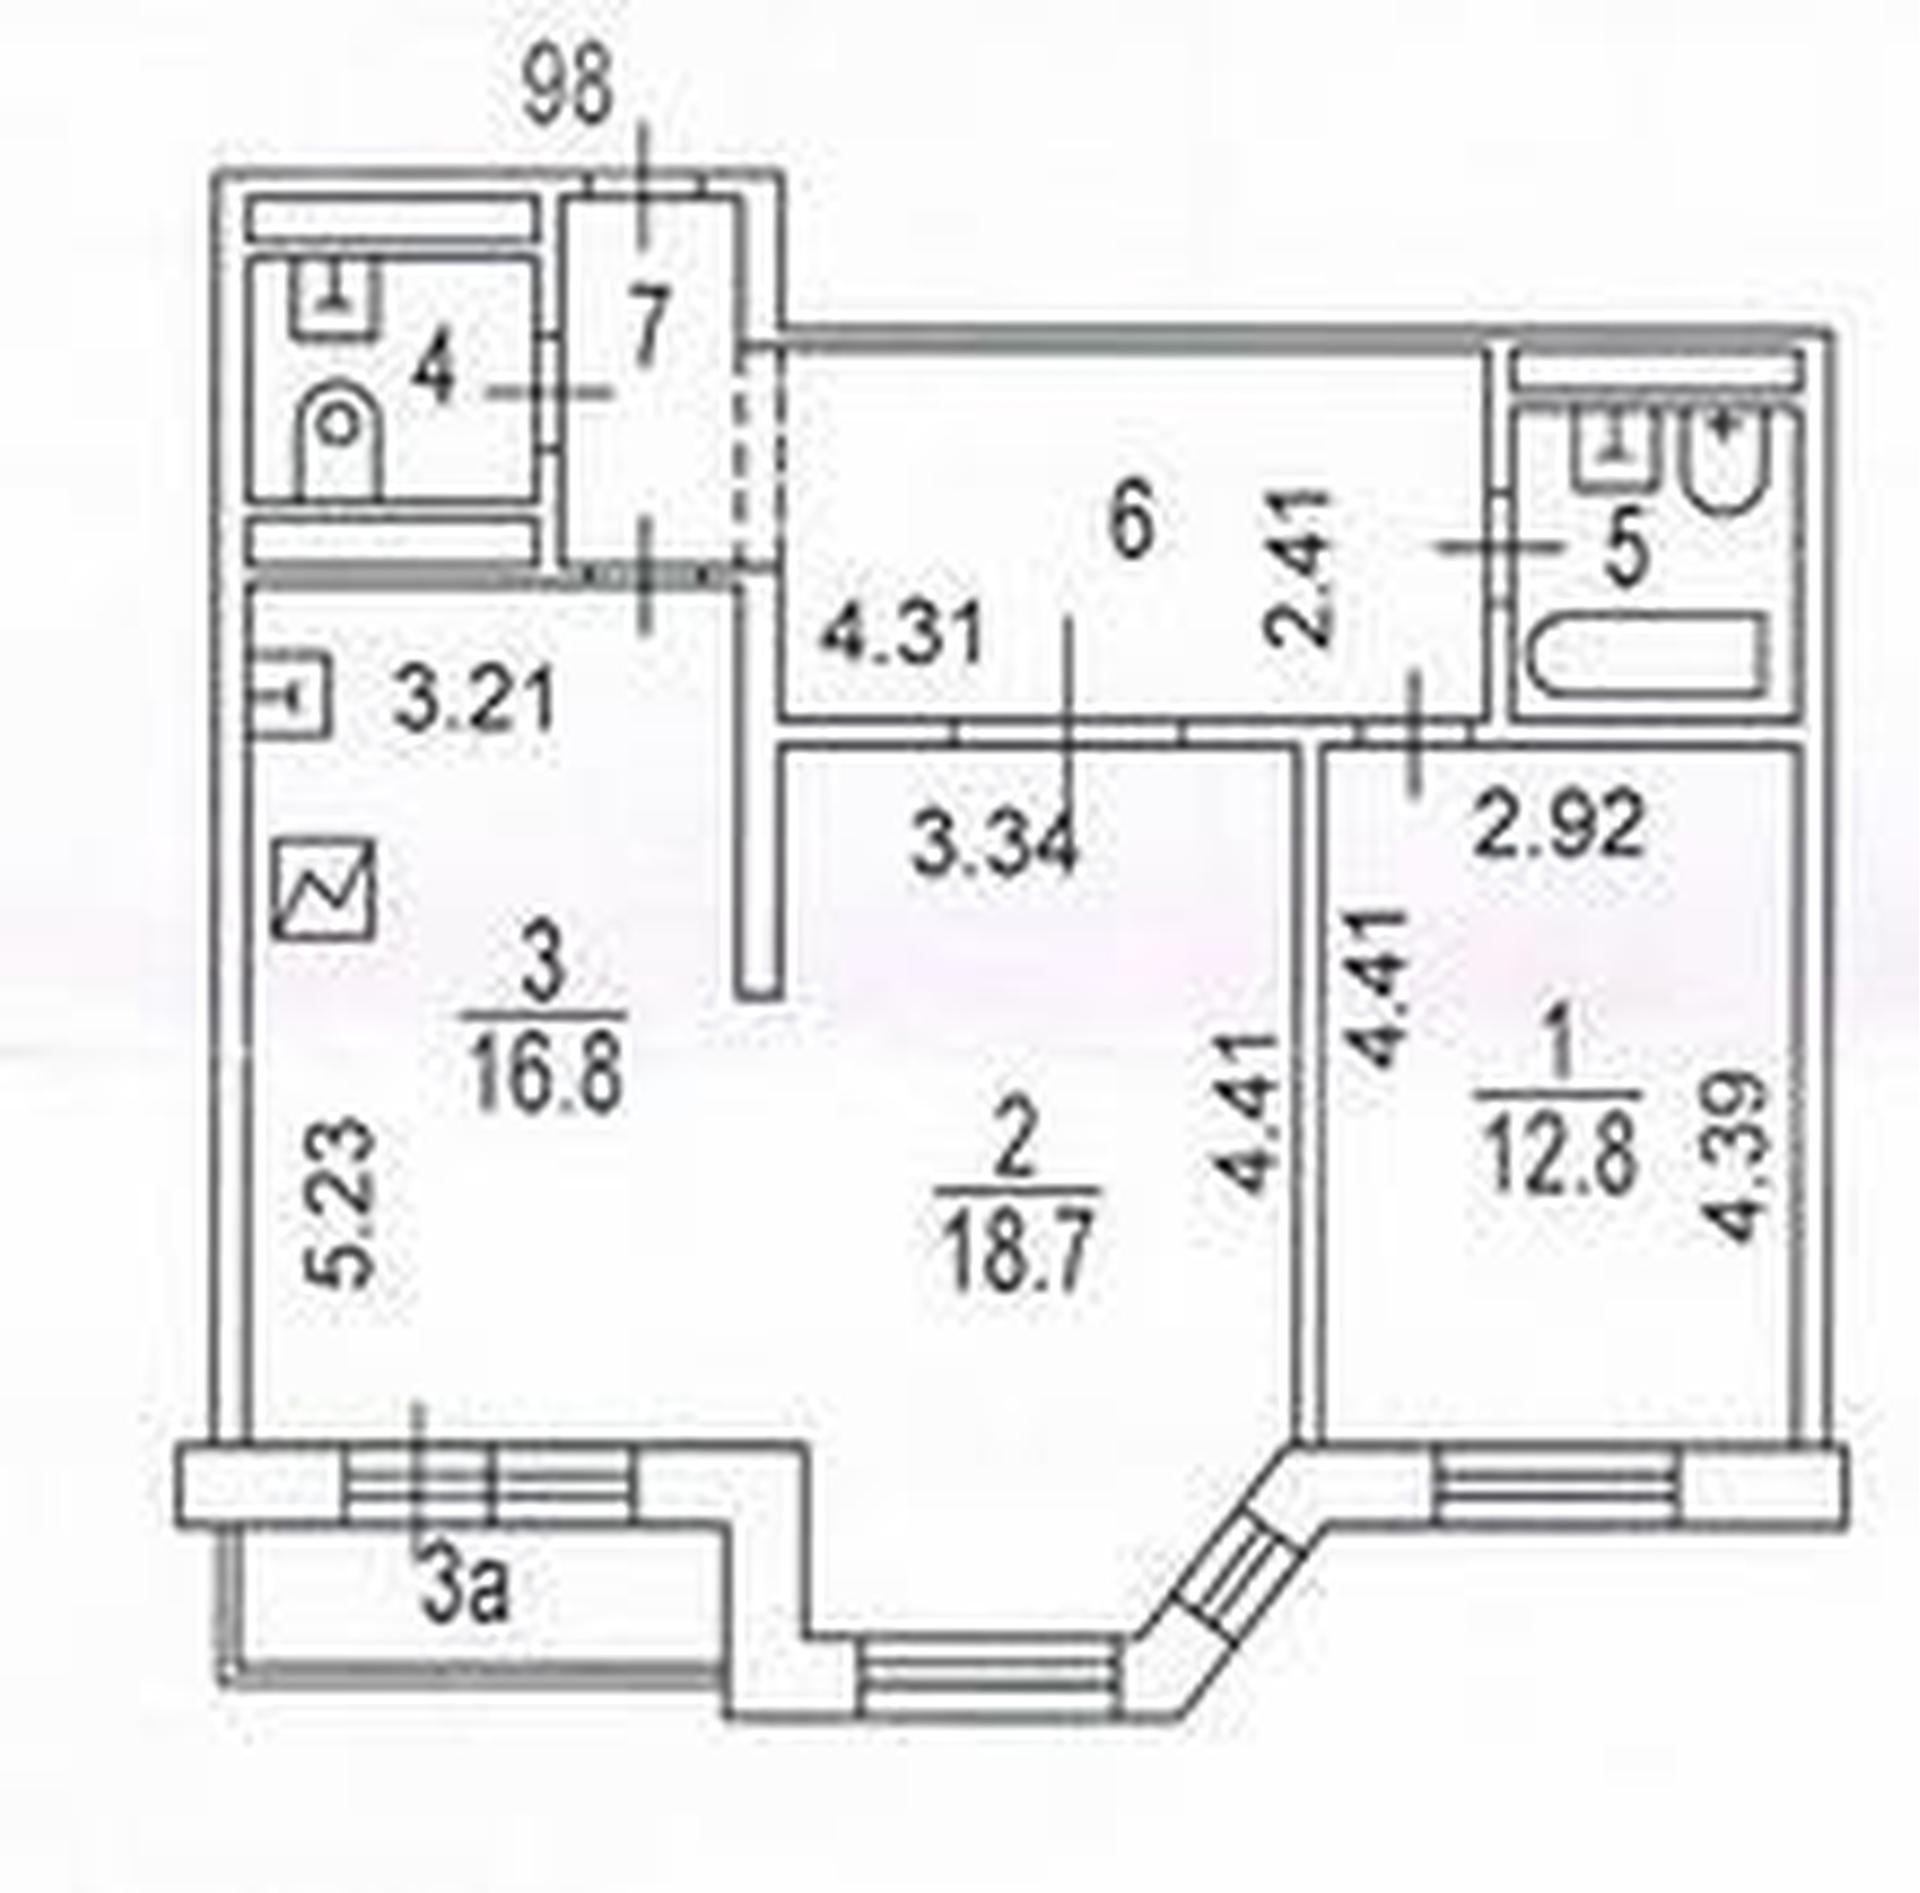 Квартира в доме монолит-кирпич! 4